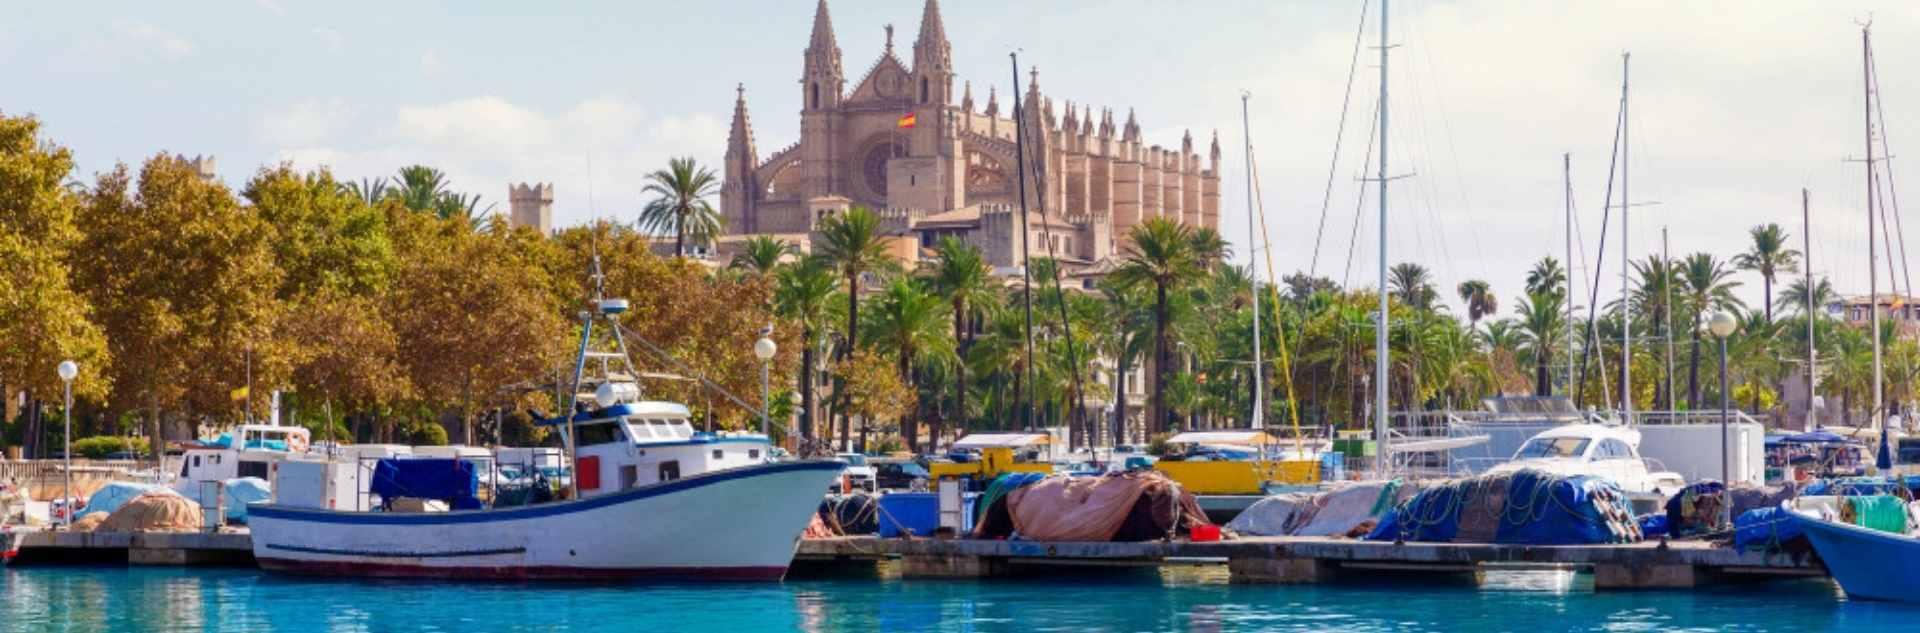 Palma de Mallorca und das Mittelmeer mit Mein Schiff